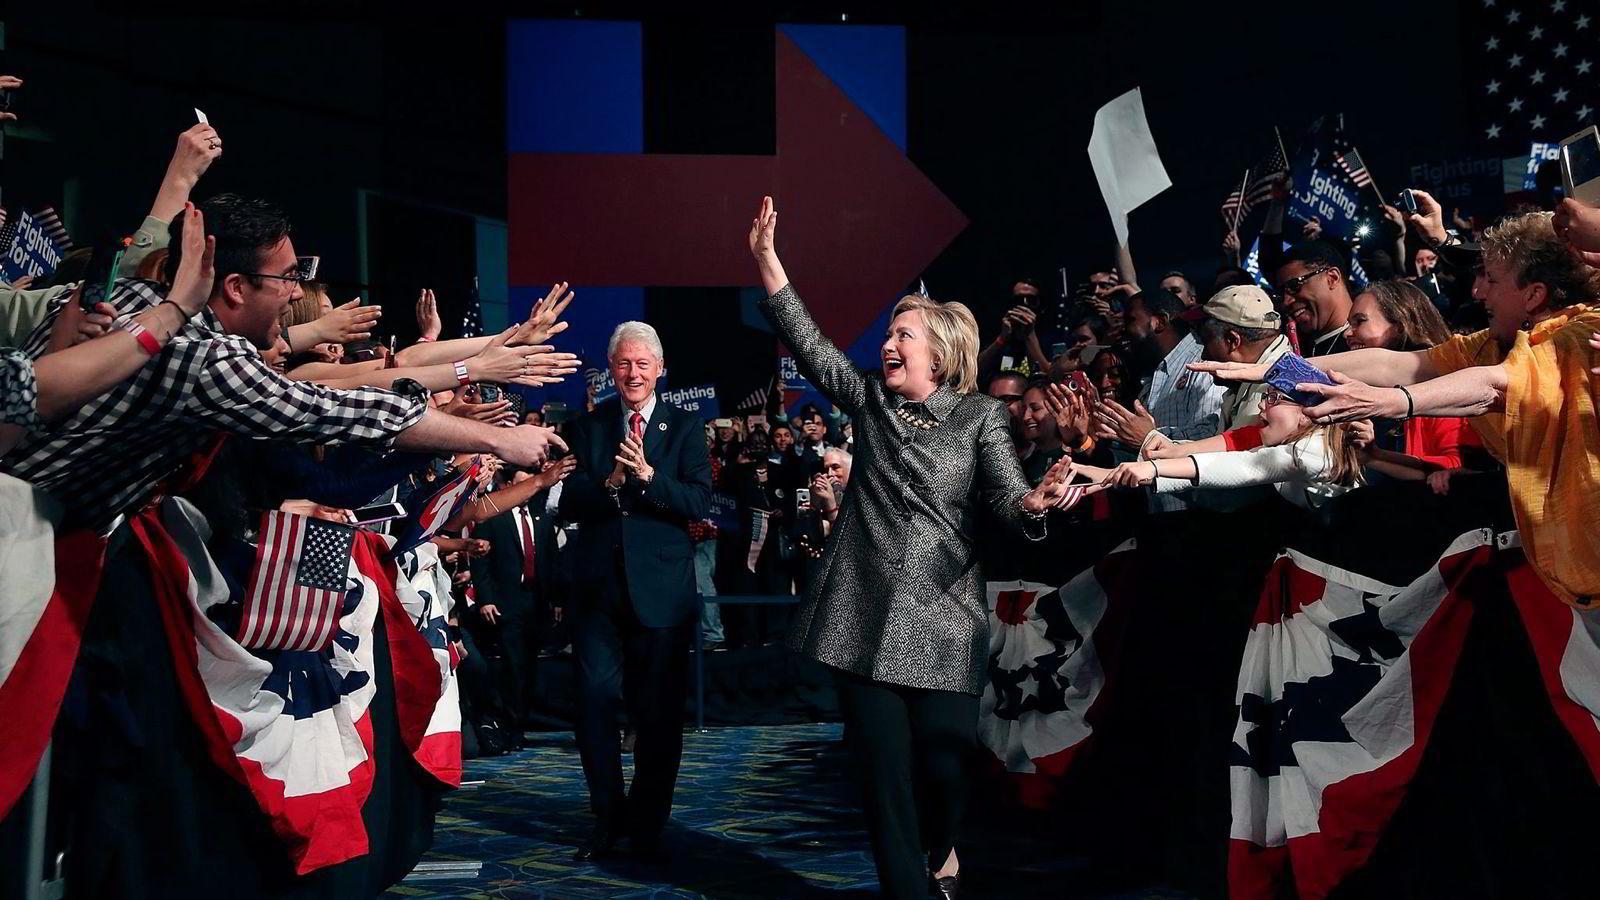 Hillary Clinton med ektemannen Bill Clinton og tilhengere i Philadelphia 26. april. Foto: Justin Sullivan/Getty Images